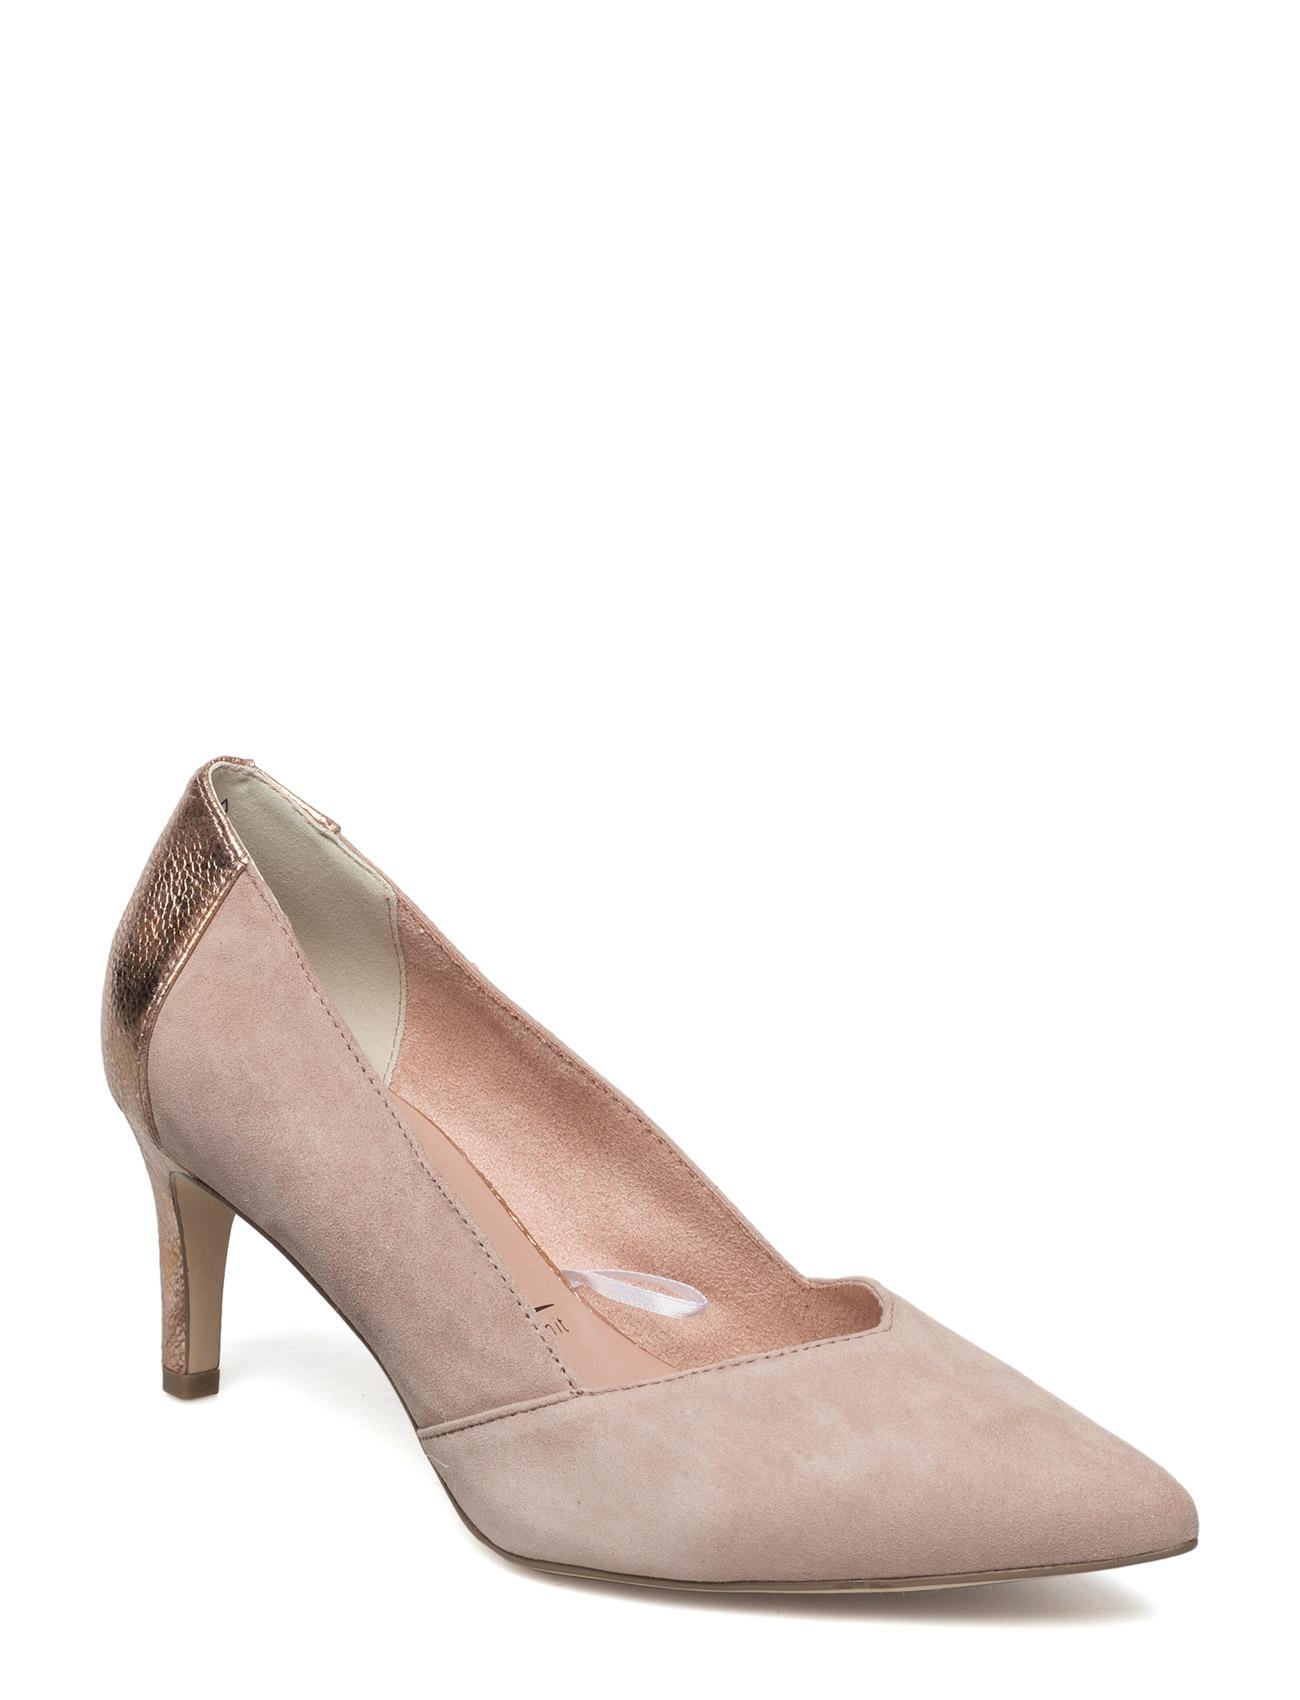 Woms Court Shoe - Cabbage Tamaris Stiletter til Damer i Old Rose